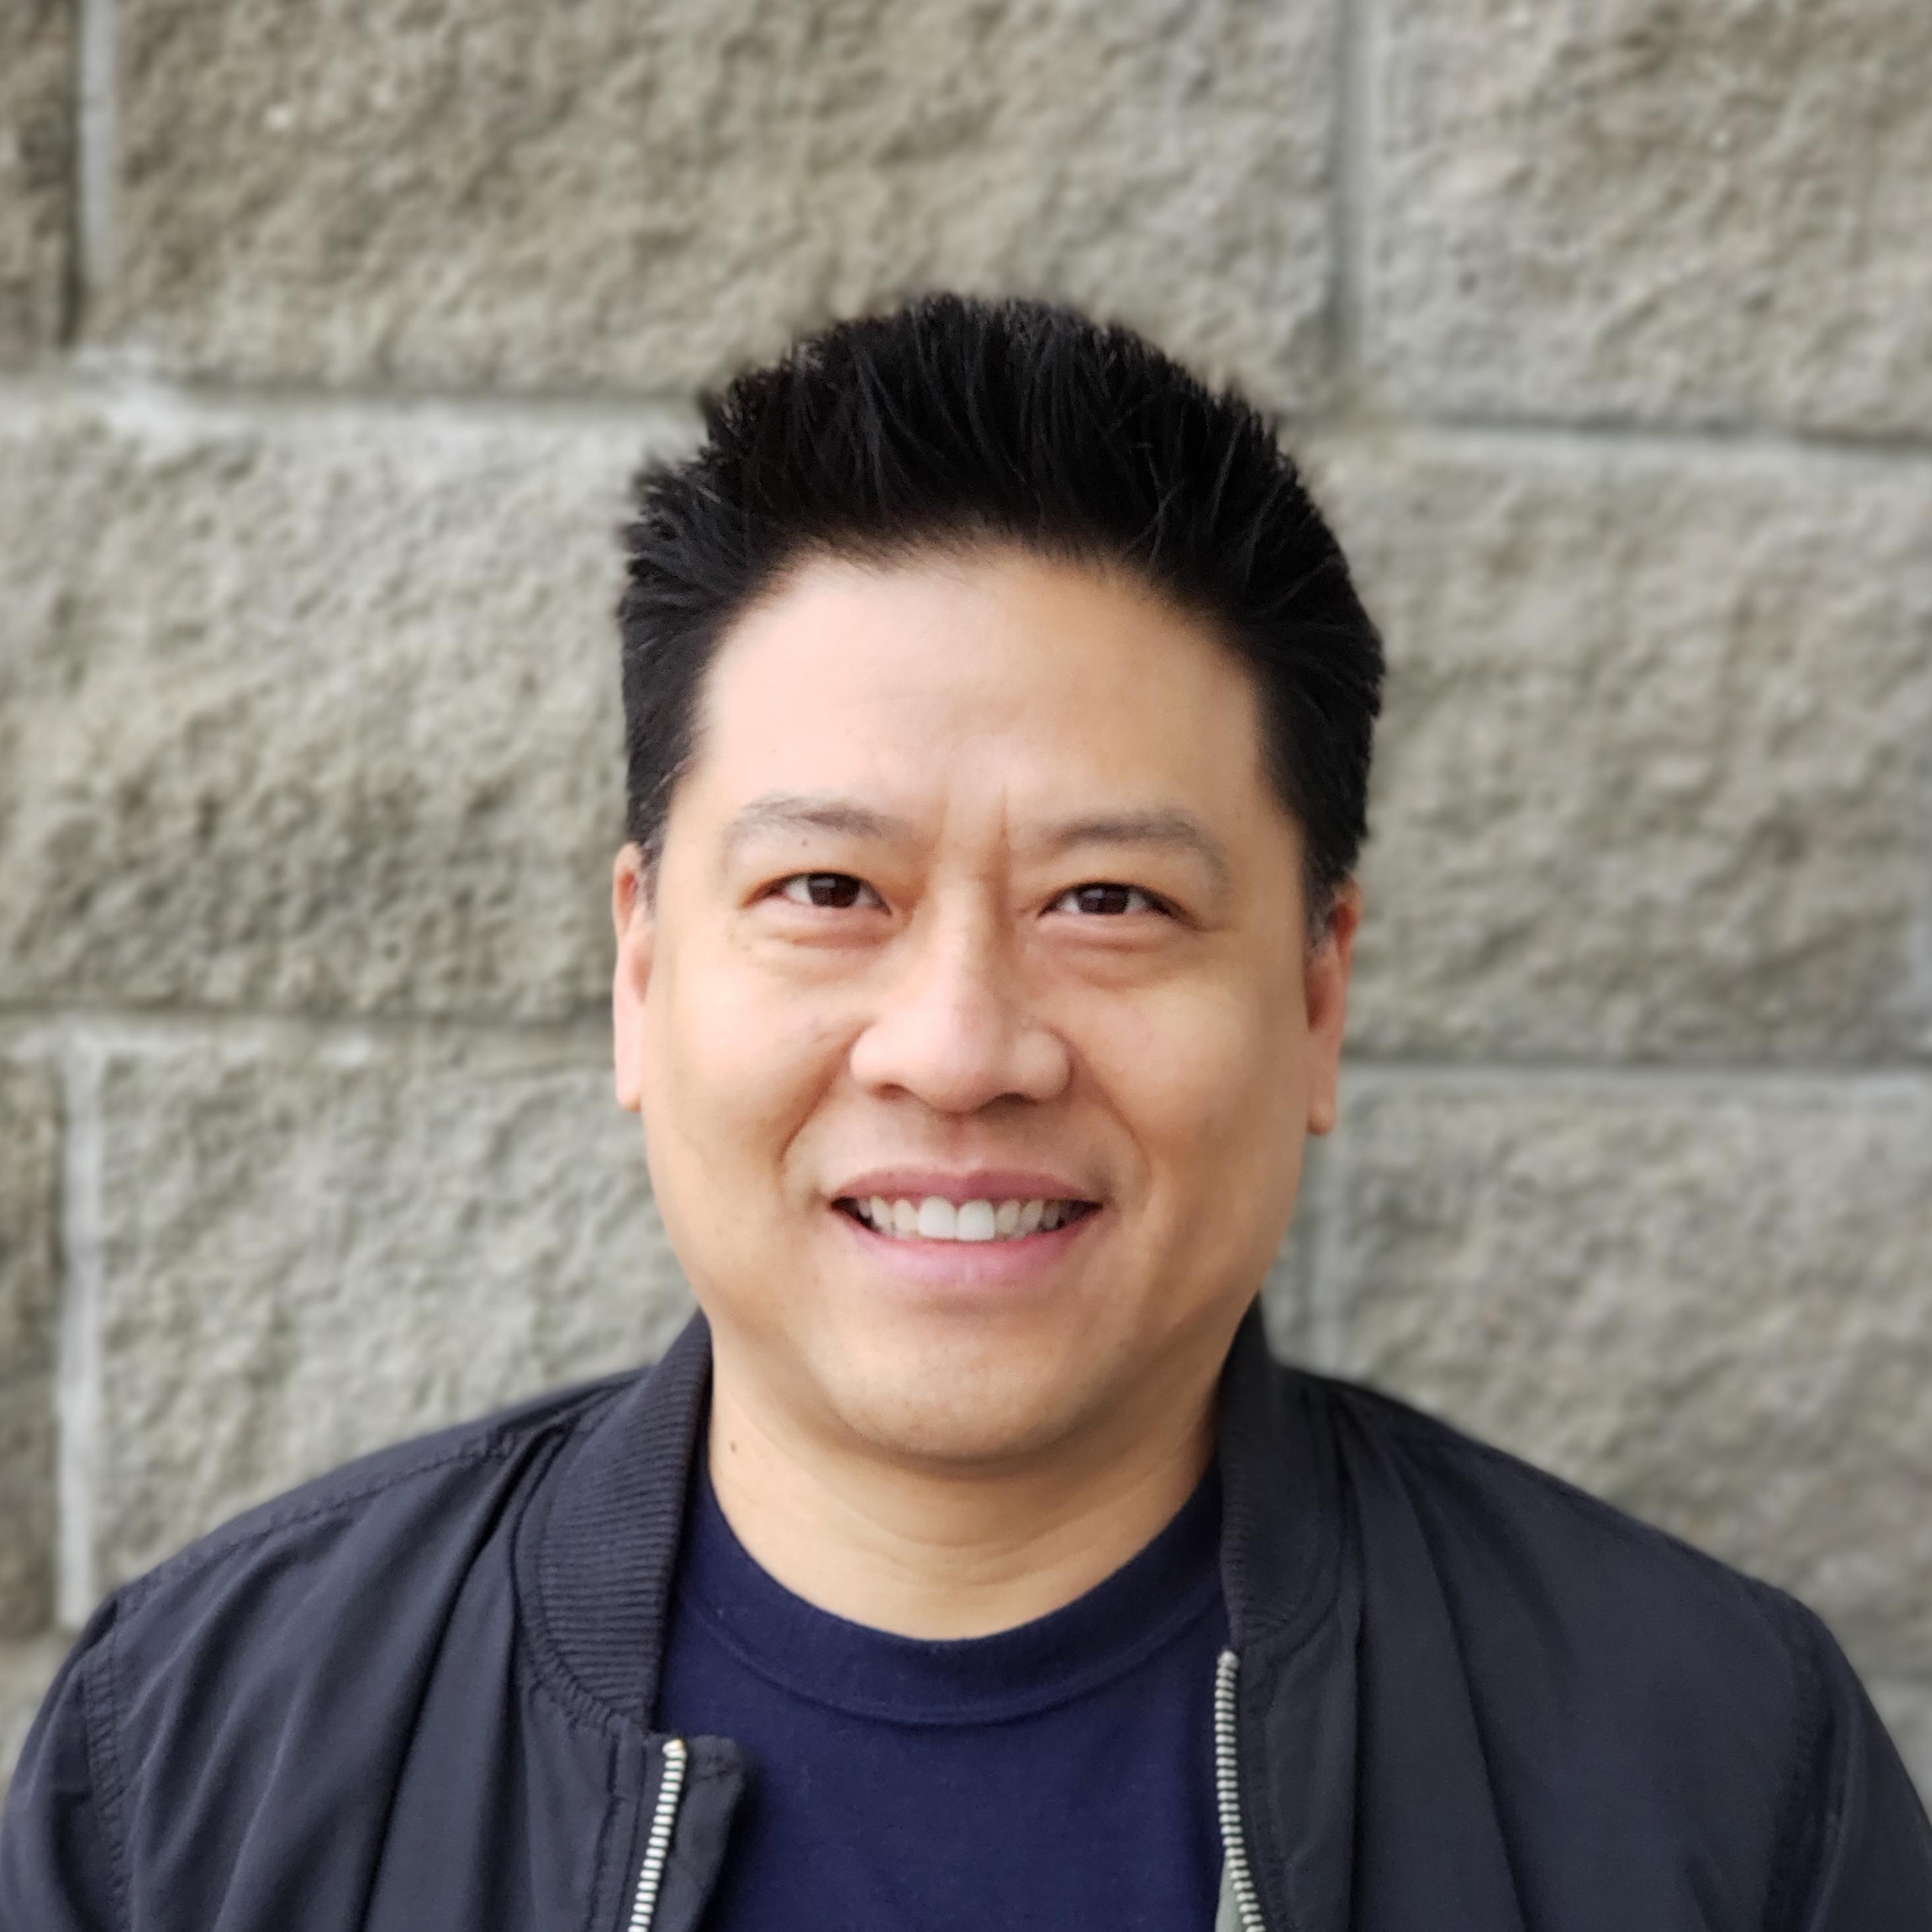 Avatar of Garrett Wang